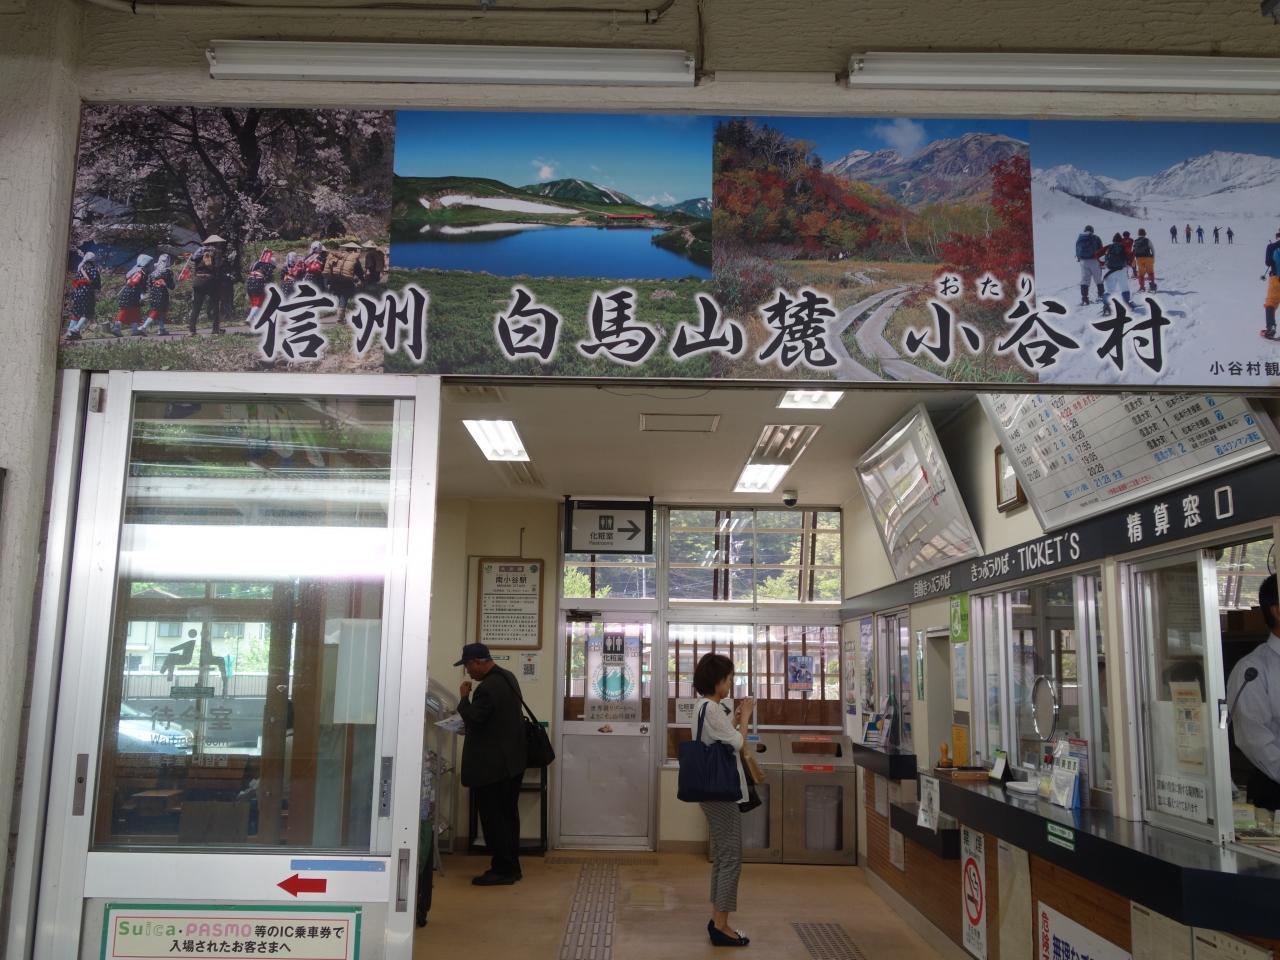 新宿から南小谷 時刻表(JR中央本線(東京 ...